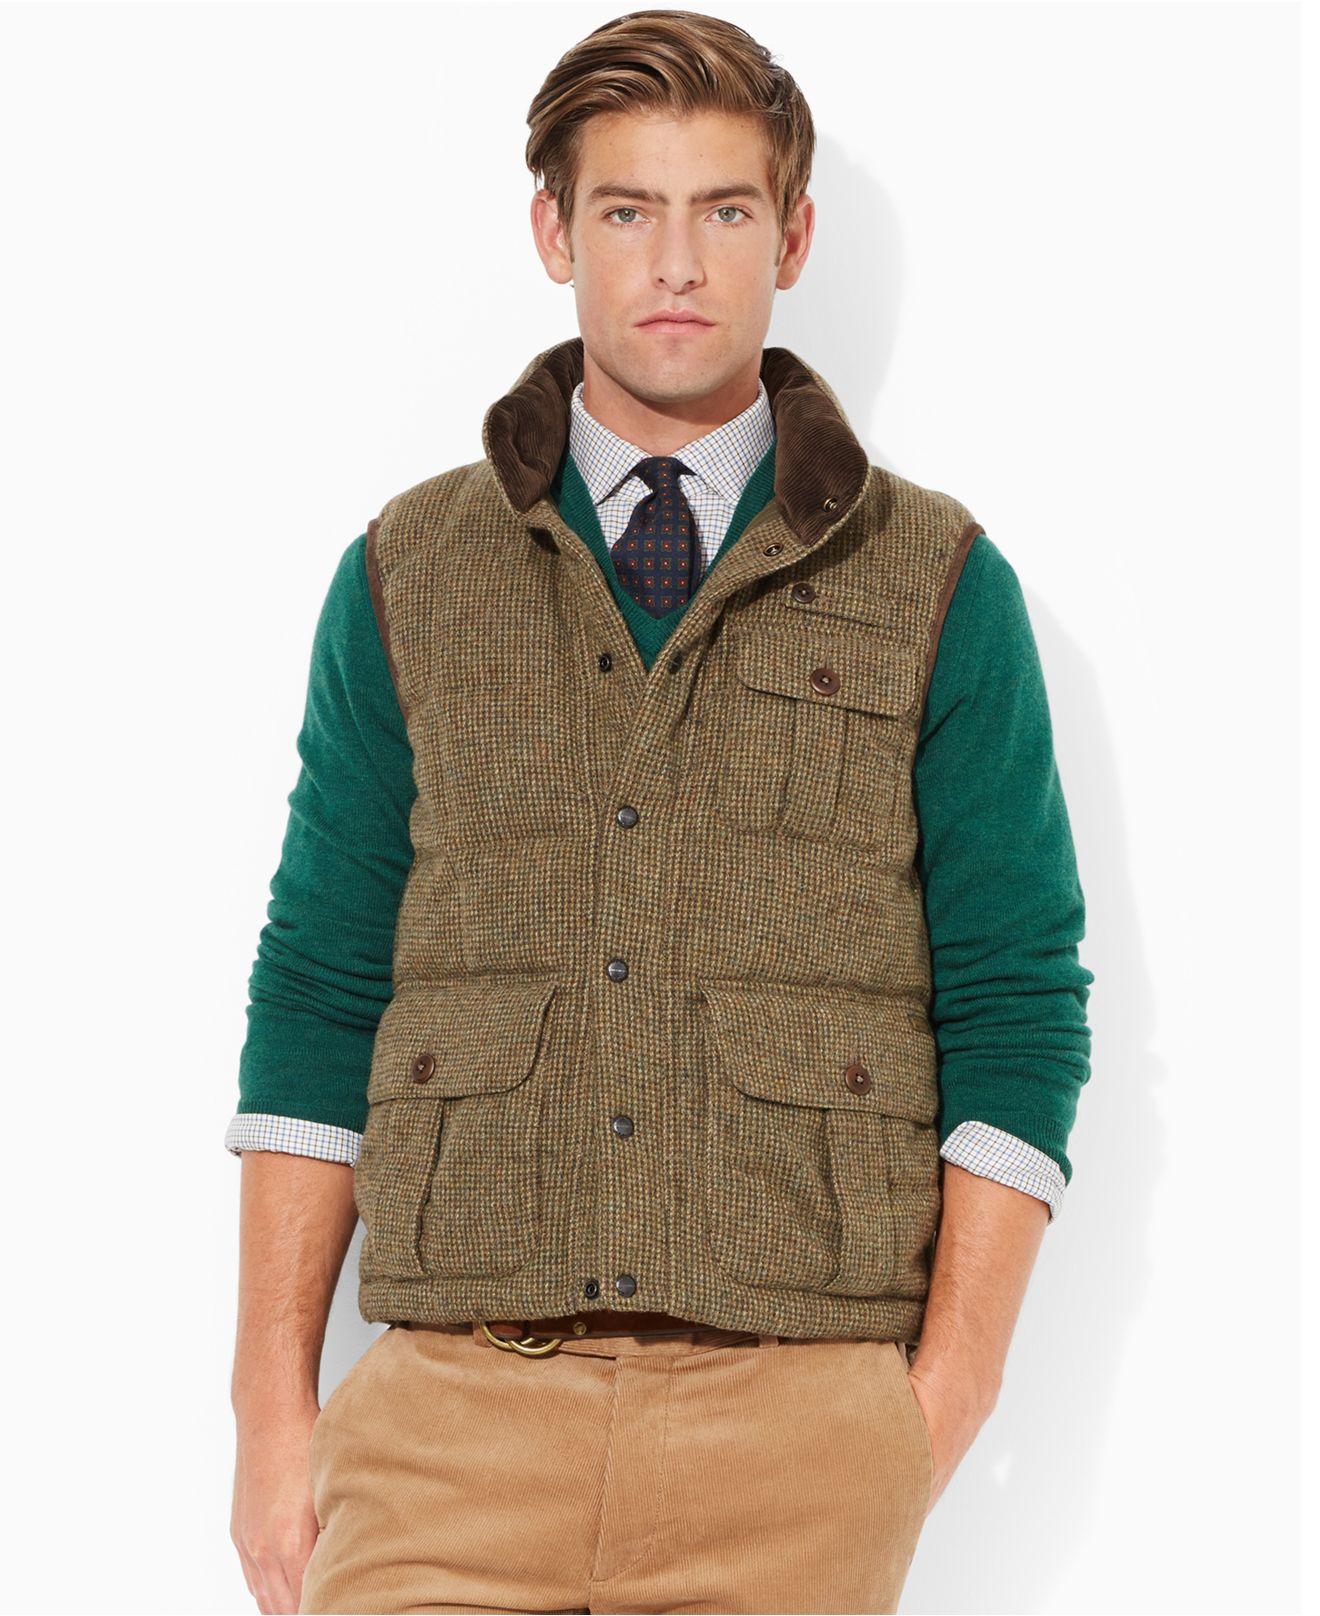 Polo Ralph Lauren Mayfield Tweed Vest in Brown for Men